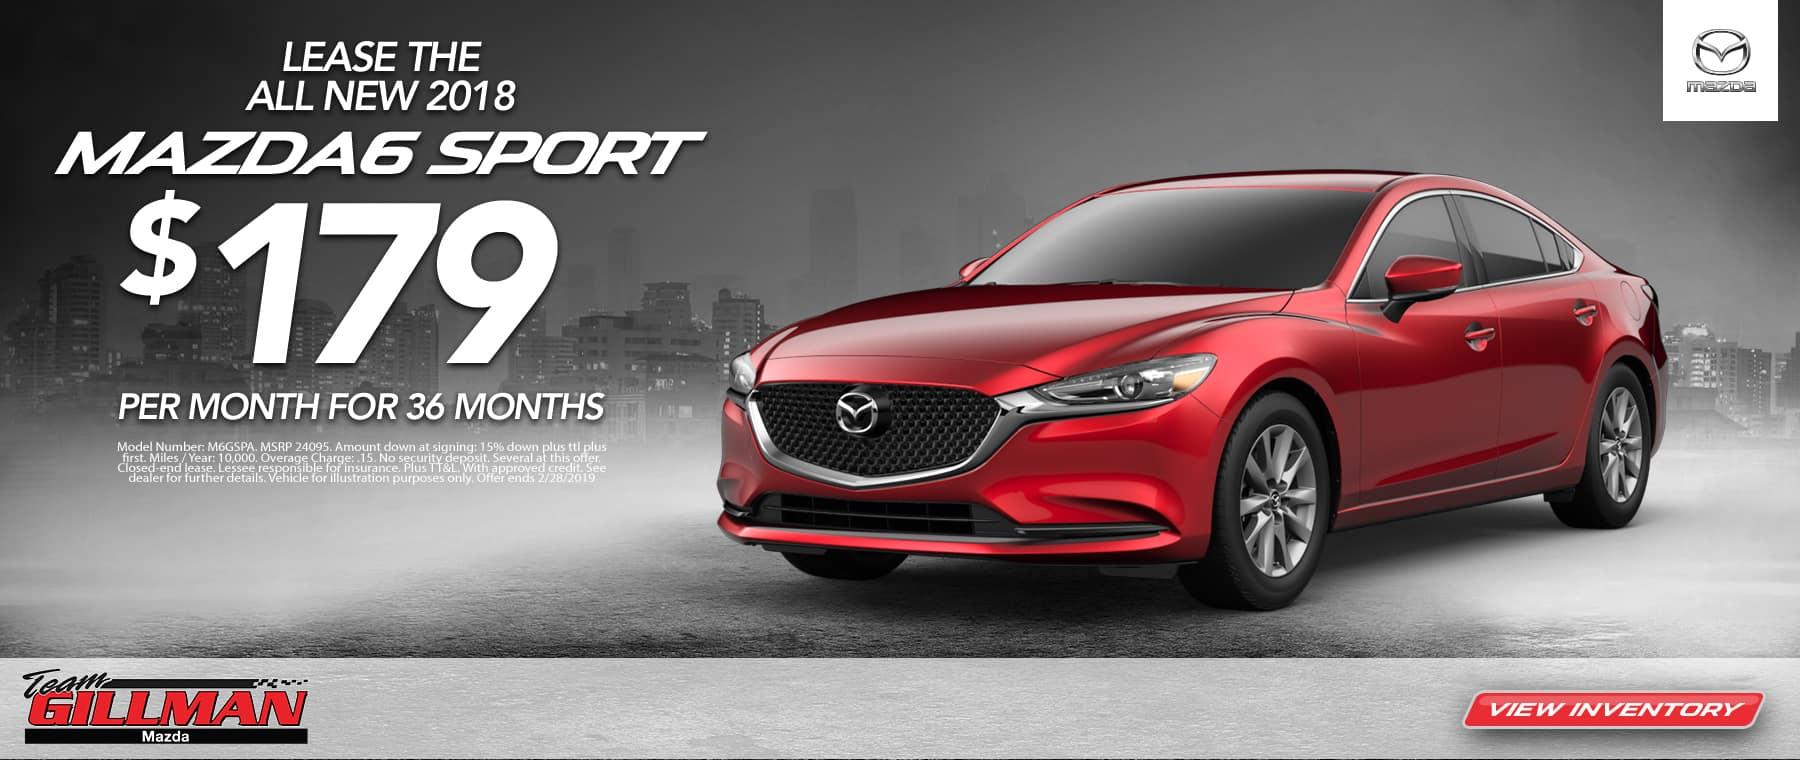 2018-Mazda-6-Sport